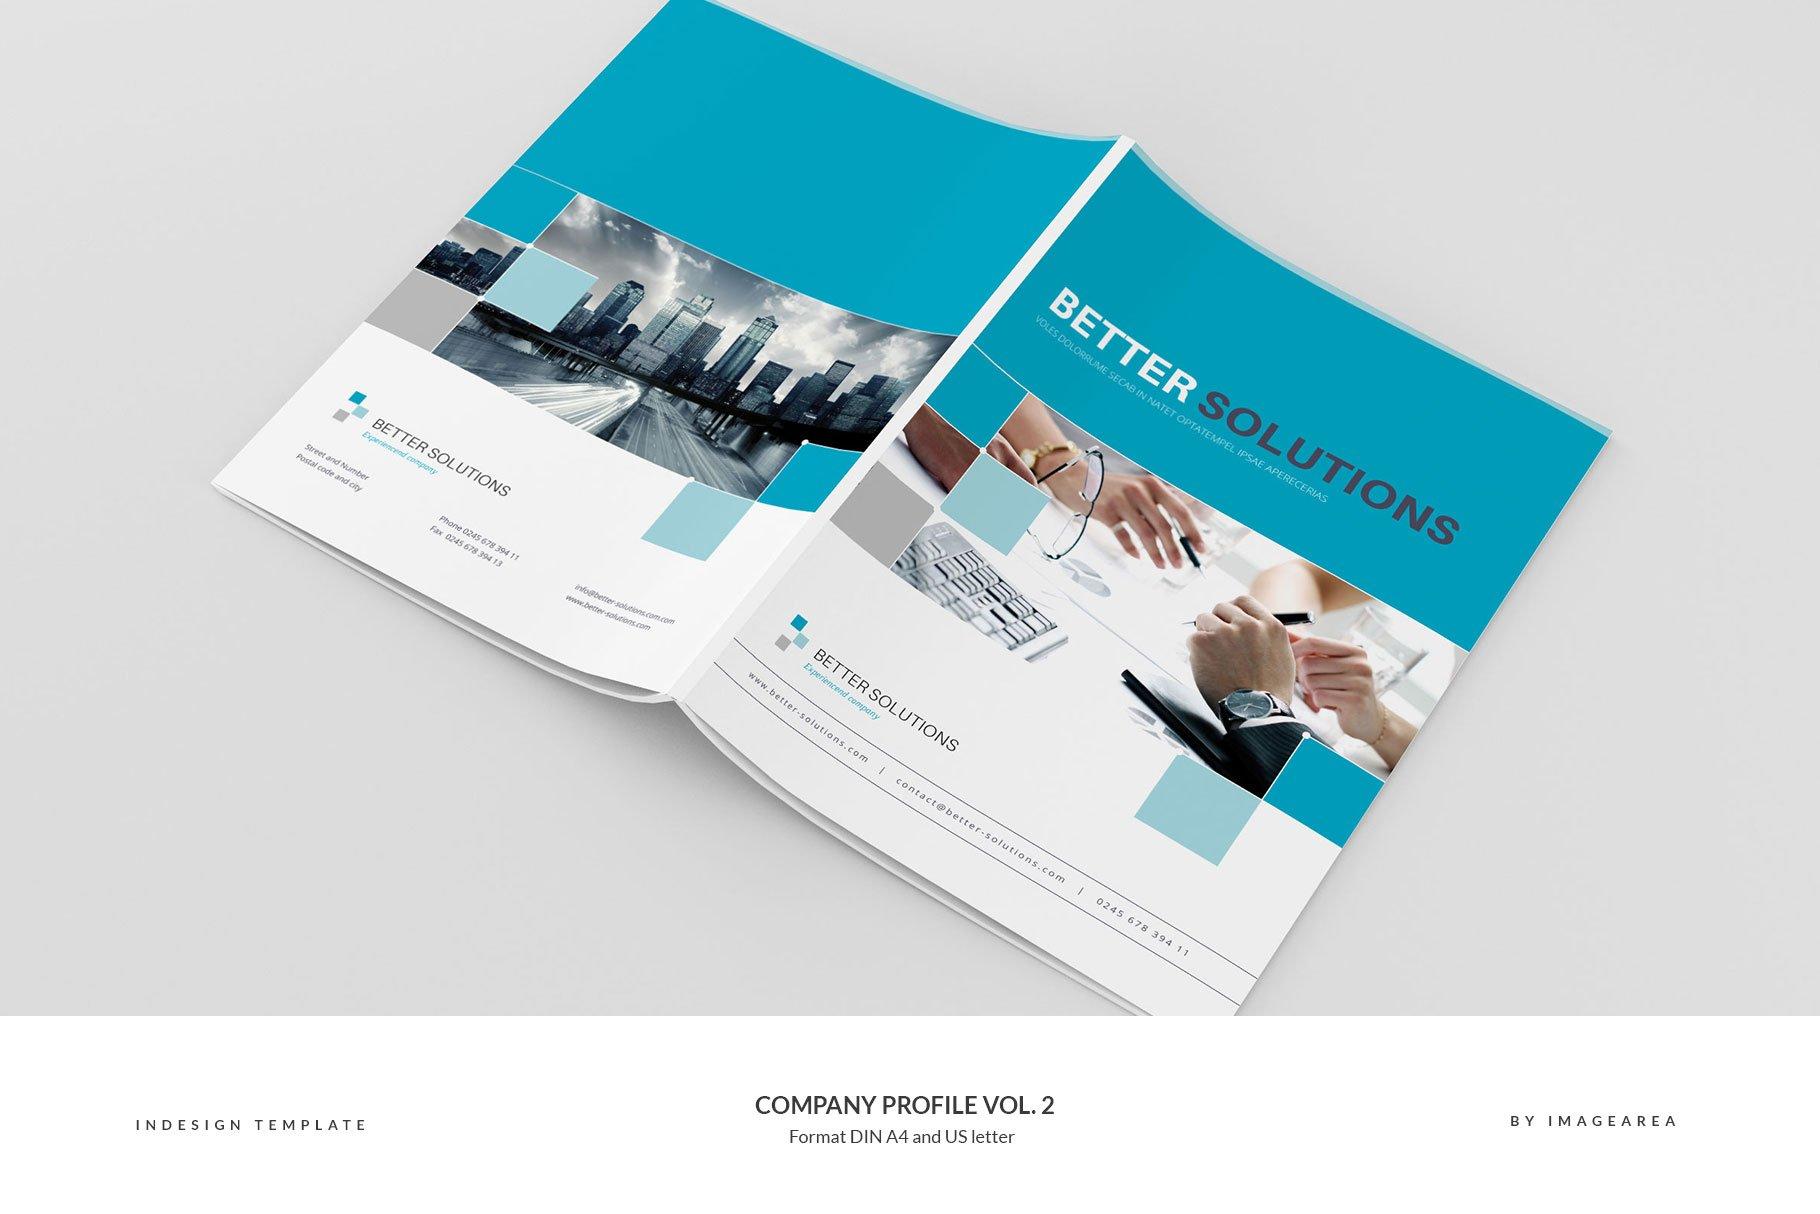 Company Profile Vol. 2 - Brochure Templates | Creative Market Pro